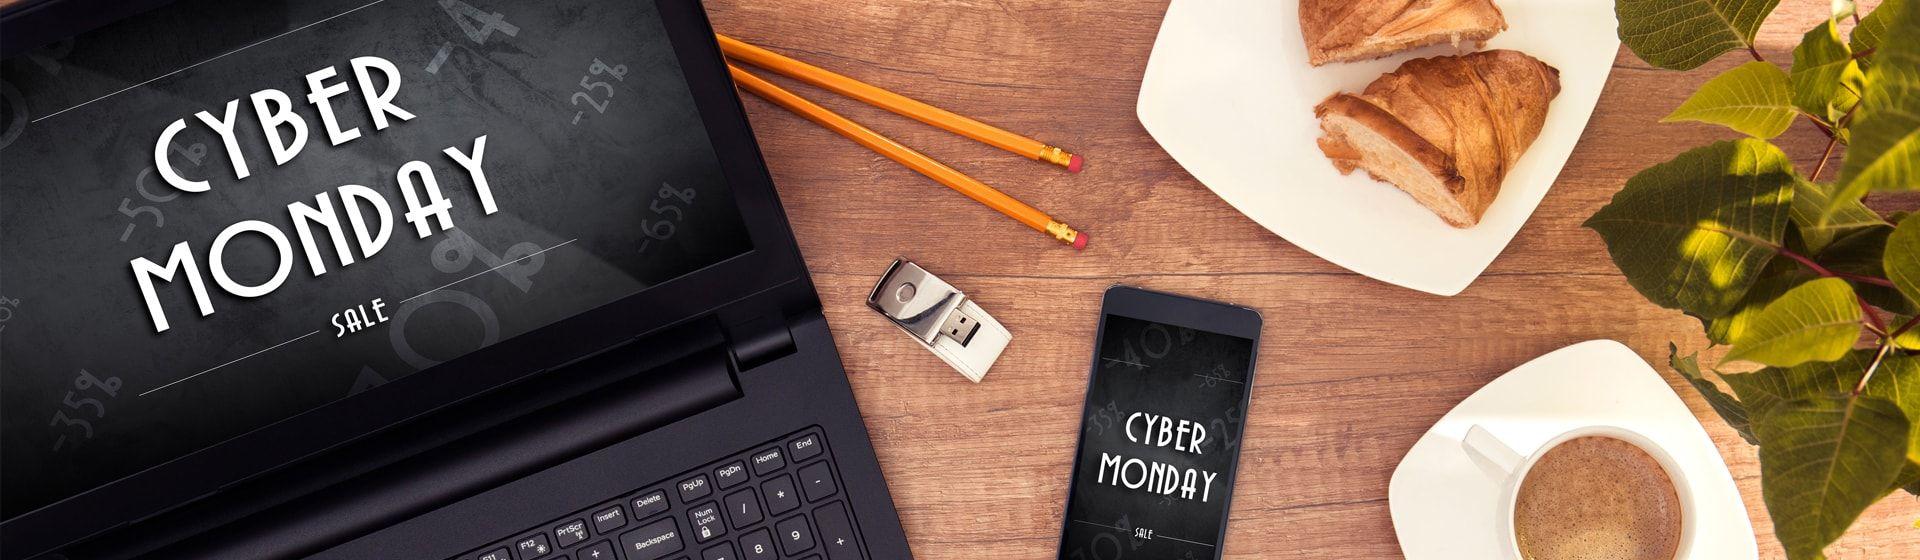 Rechtliche Regeln für Online-Händler am Cyber Monday